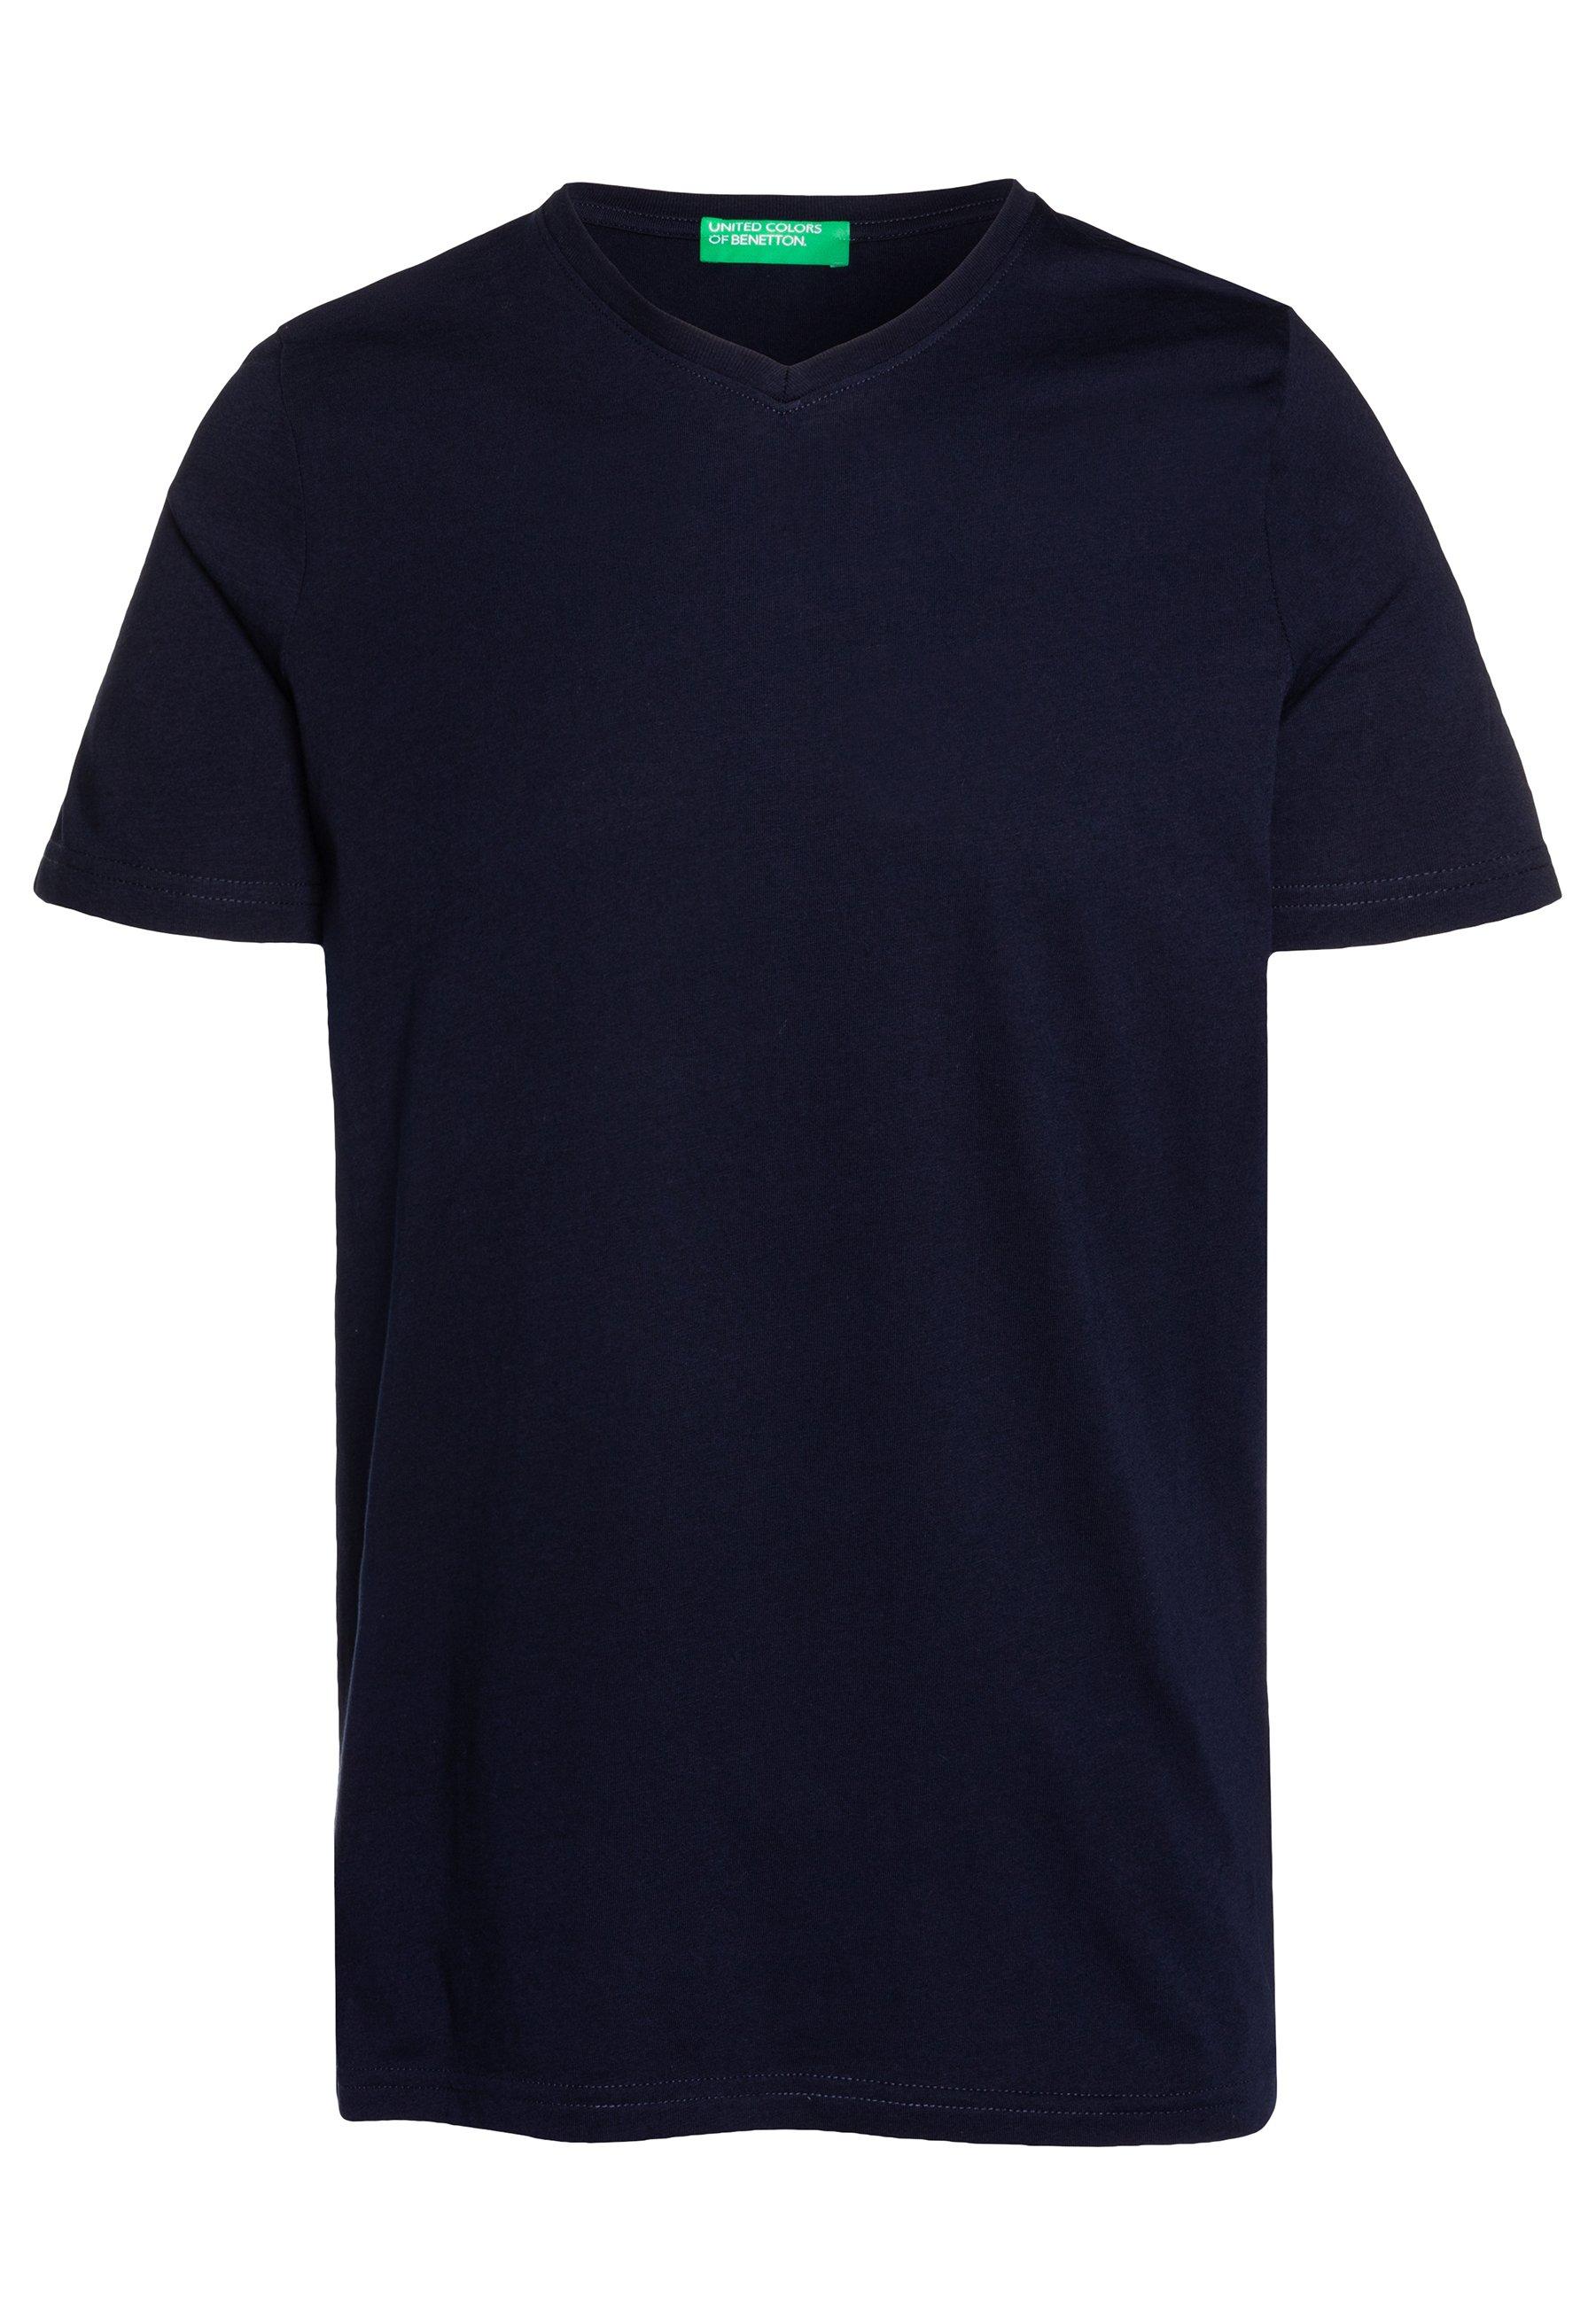 Benetton BASIC VNECK - T-shirt basique - darkblue